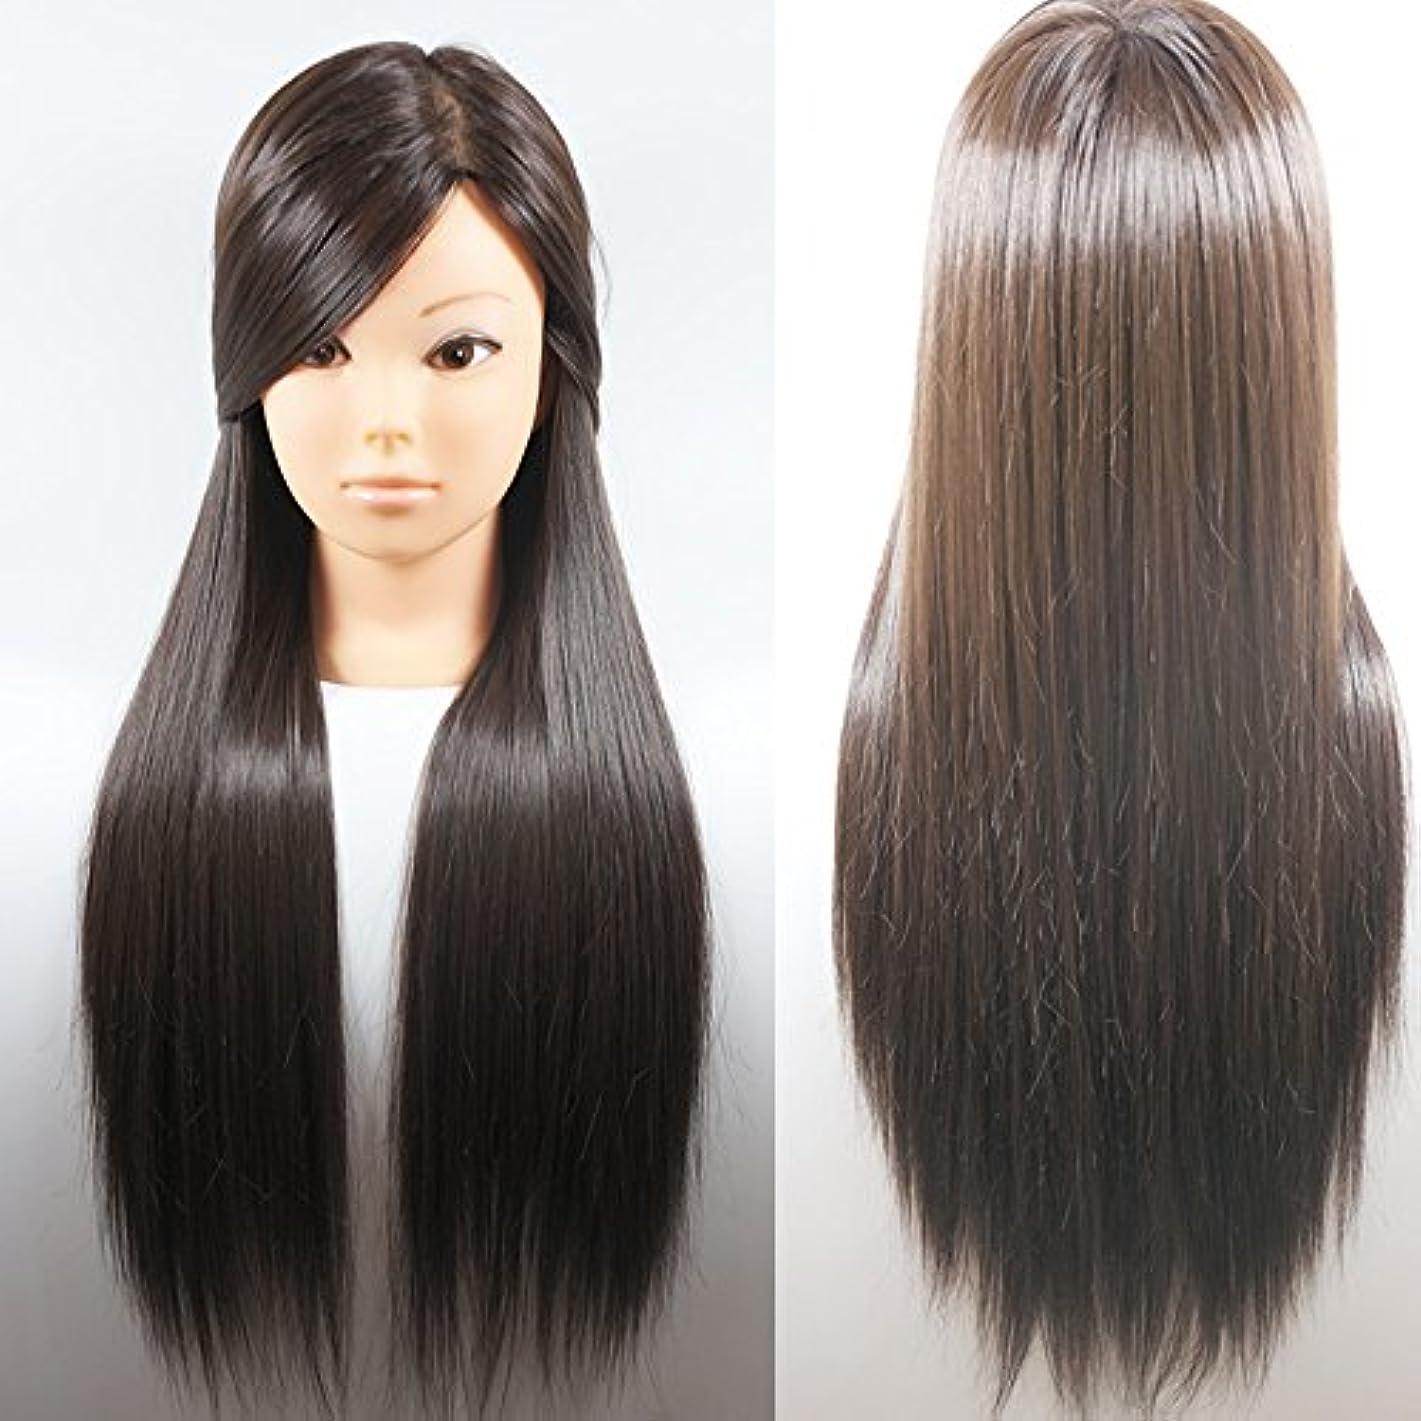 中絶やさしいカスタムヘアメイク実践トレーニング美容マネキンヘッド100%人工毛ーブロンドヘア66センチ